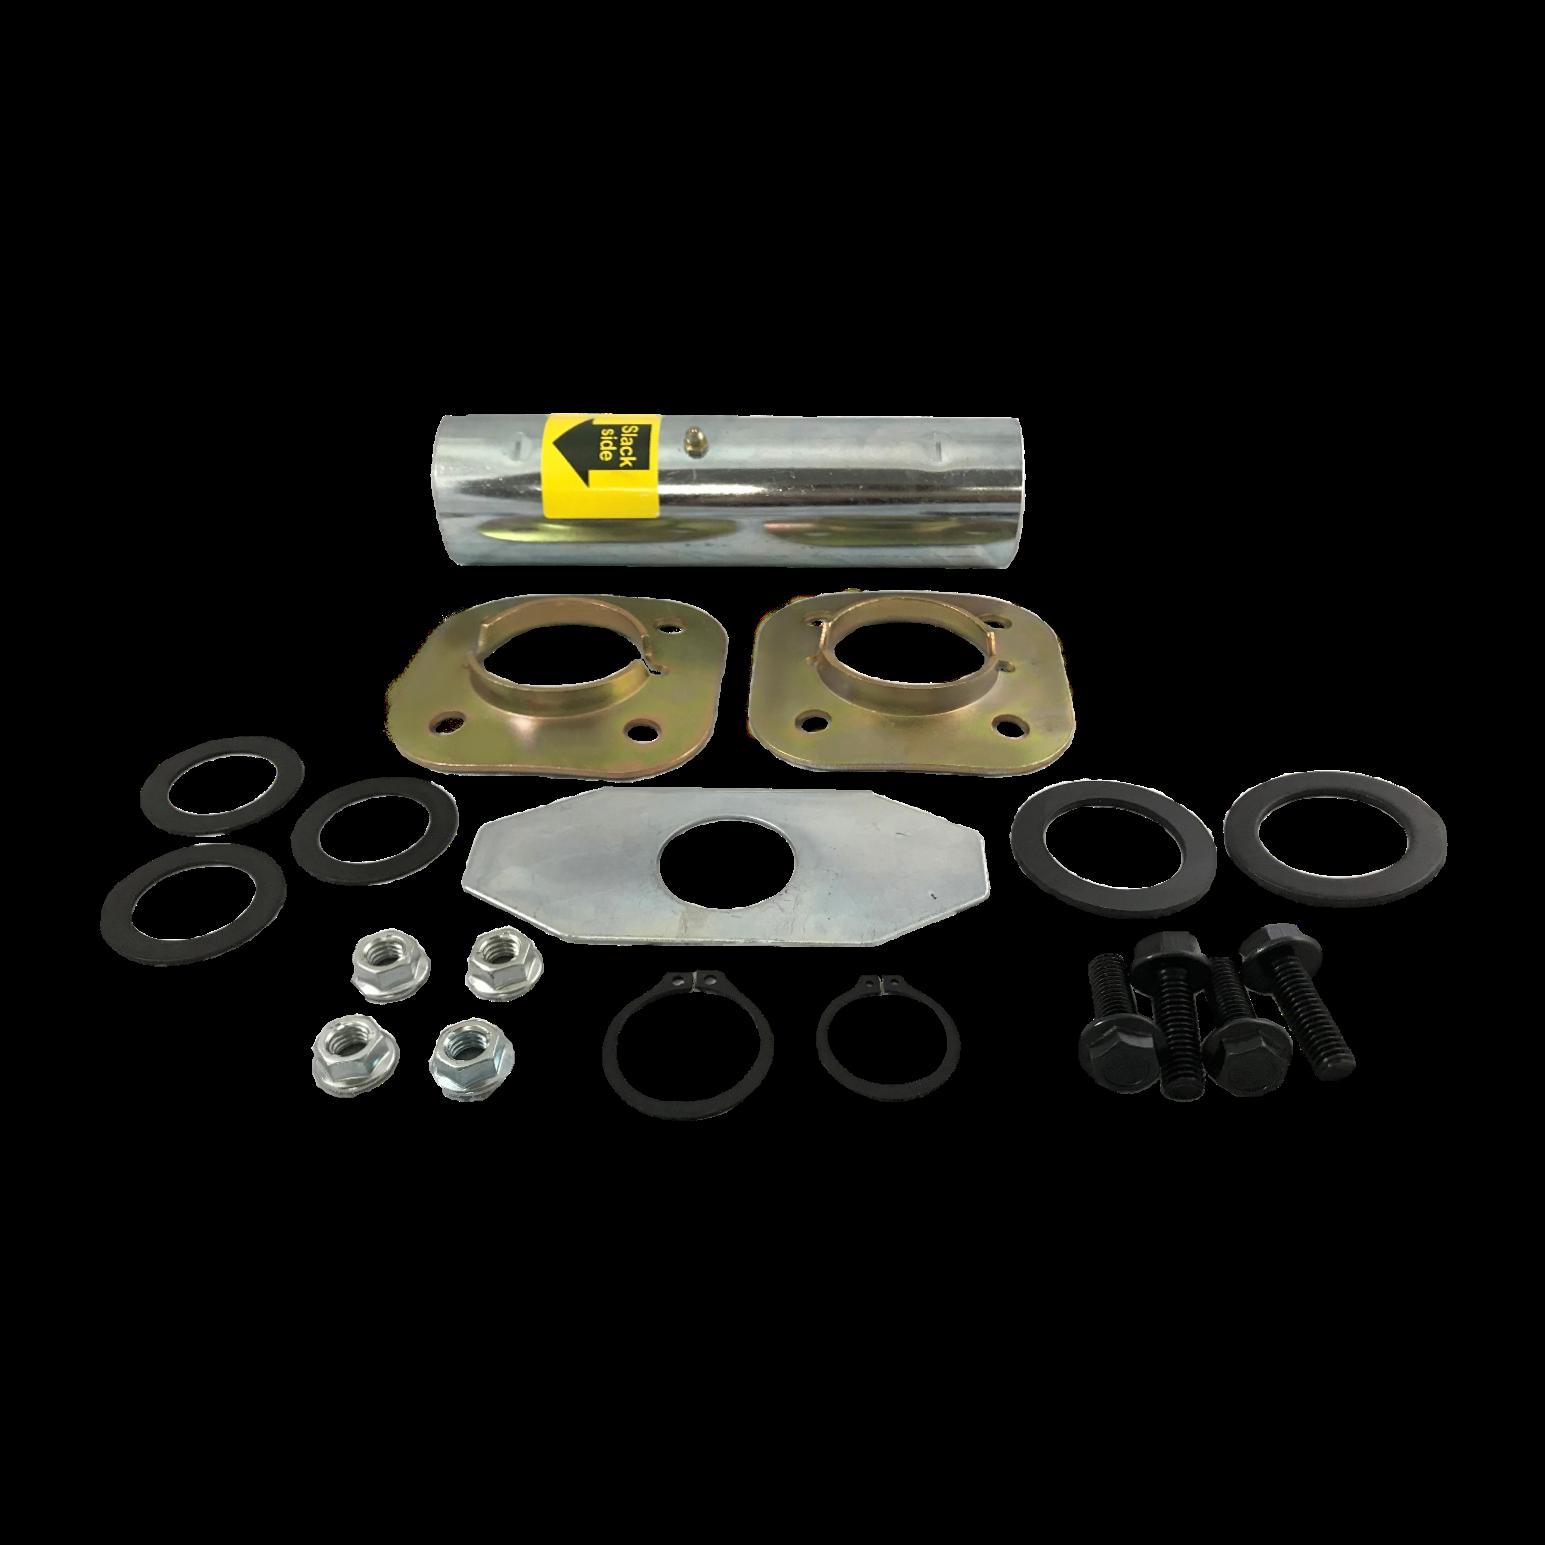 Cam Tube hendrickson tube style cam overhaul kit s-28890 / brkck11897